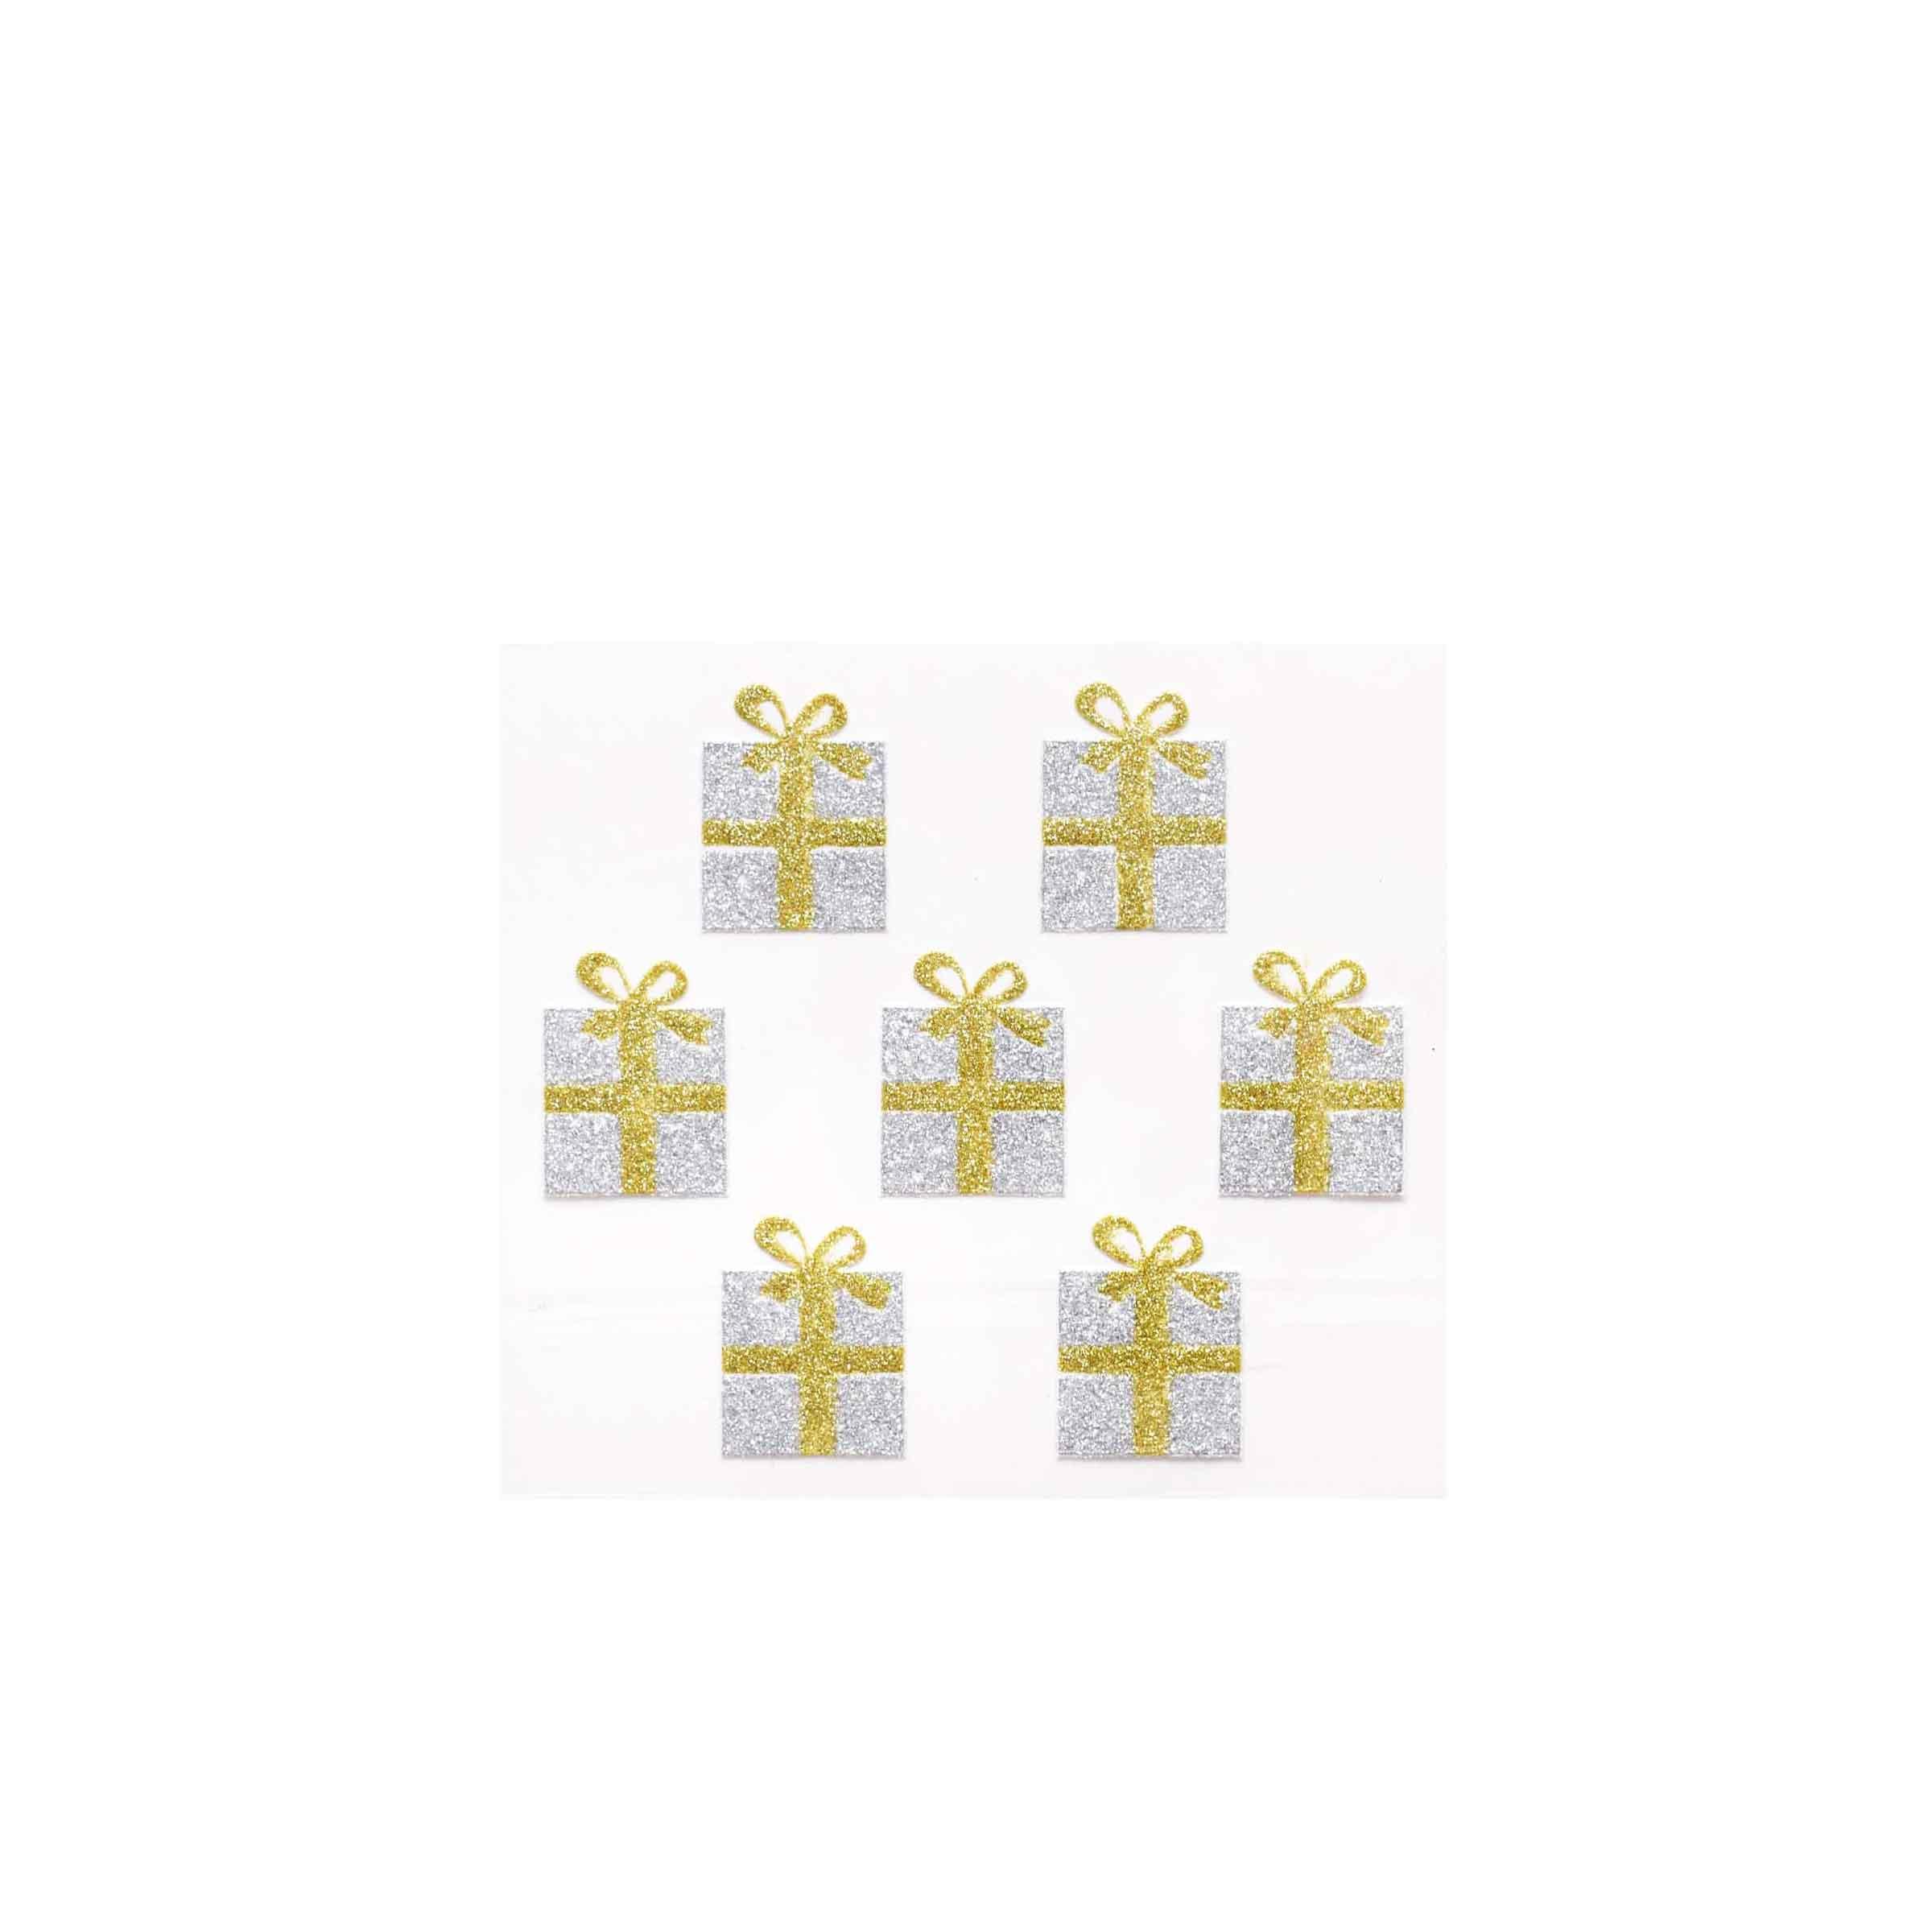 Autocollant motifs cadeaux argent et or